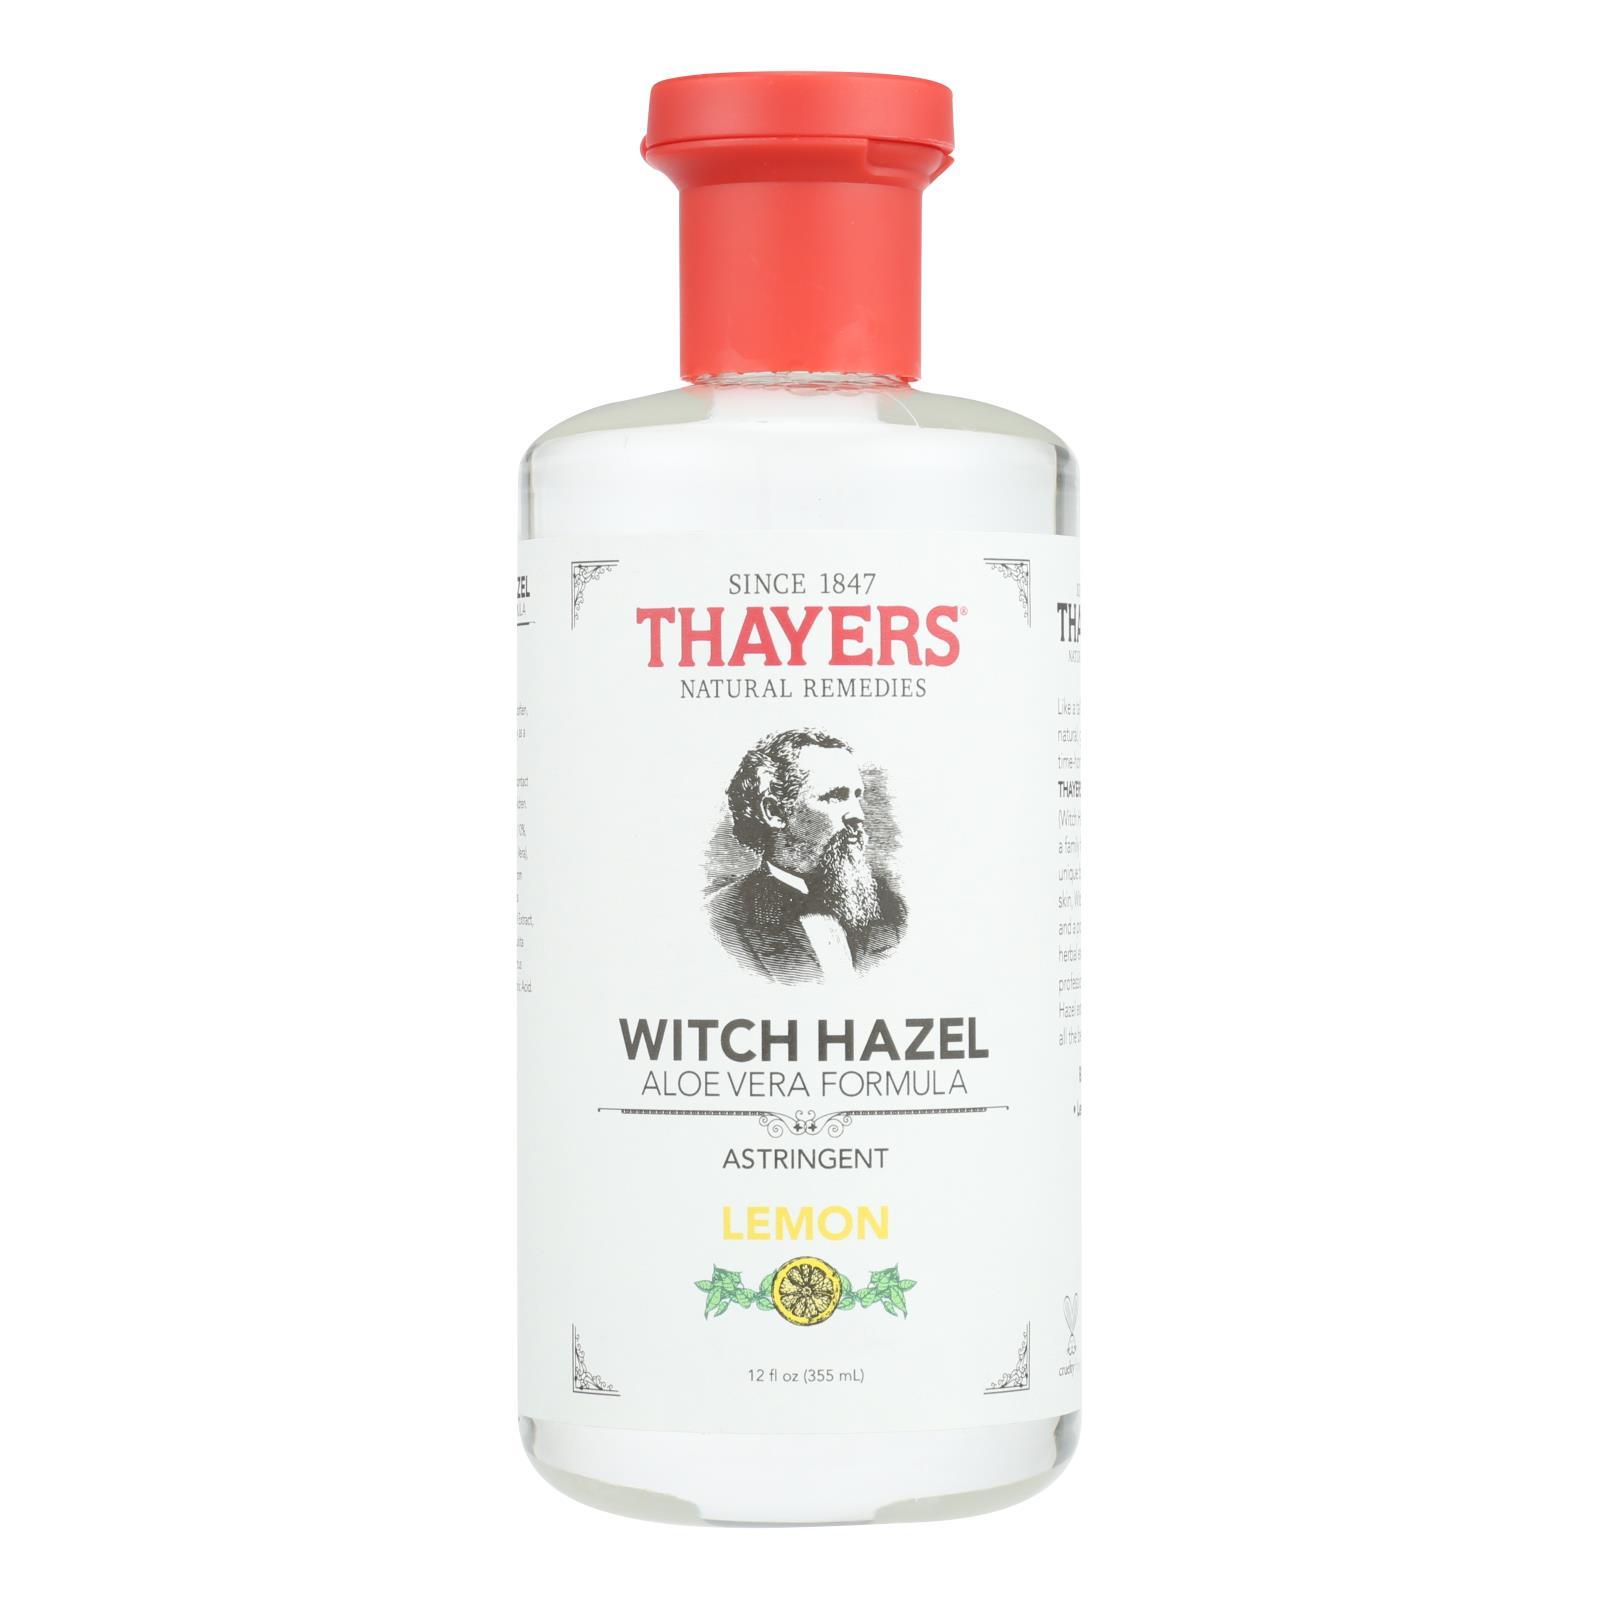 Thayers Witch Hazel with Aloe Vera Lemon - 12 fl oz